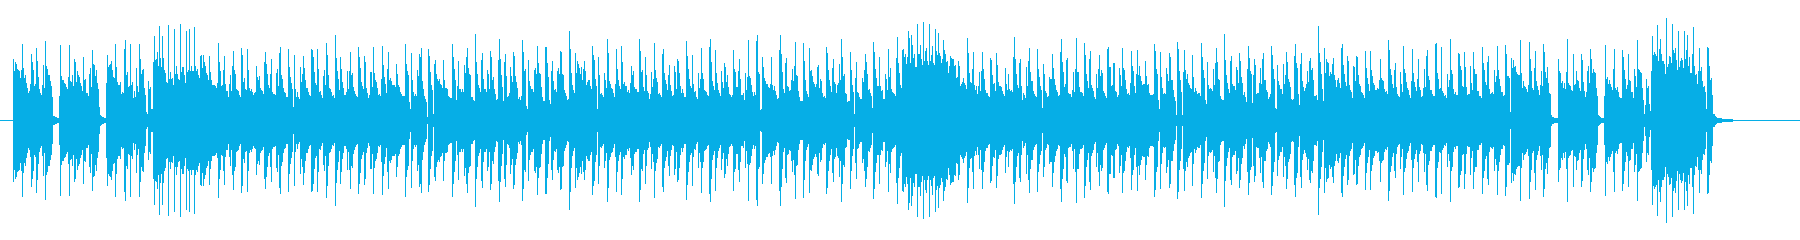 ノリの良いドラムポップスの再生済みの波形